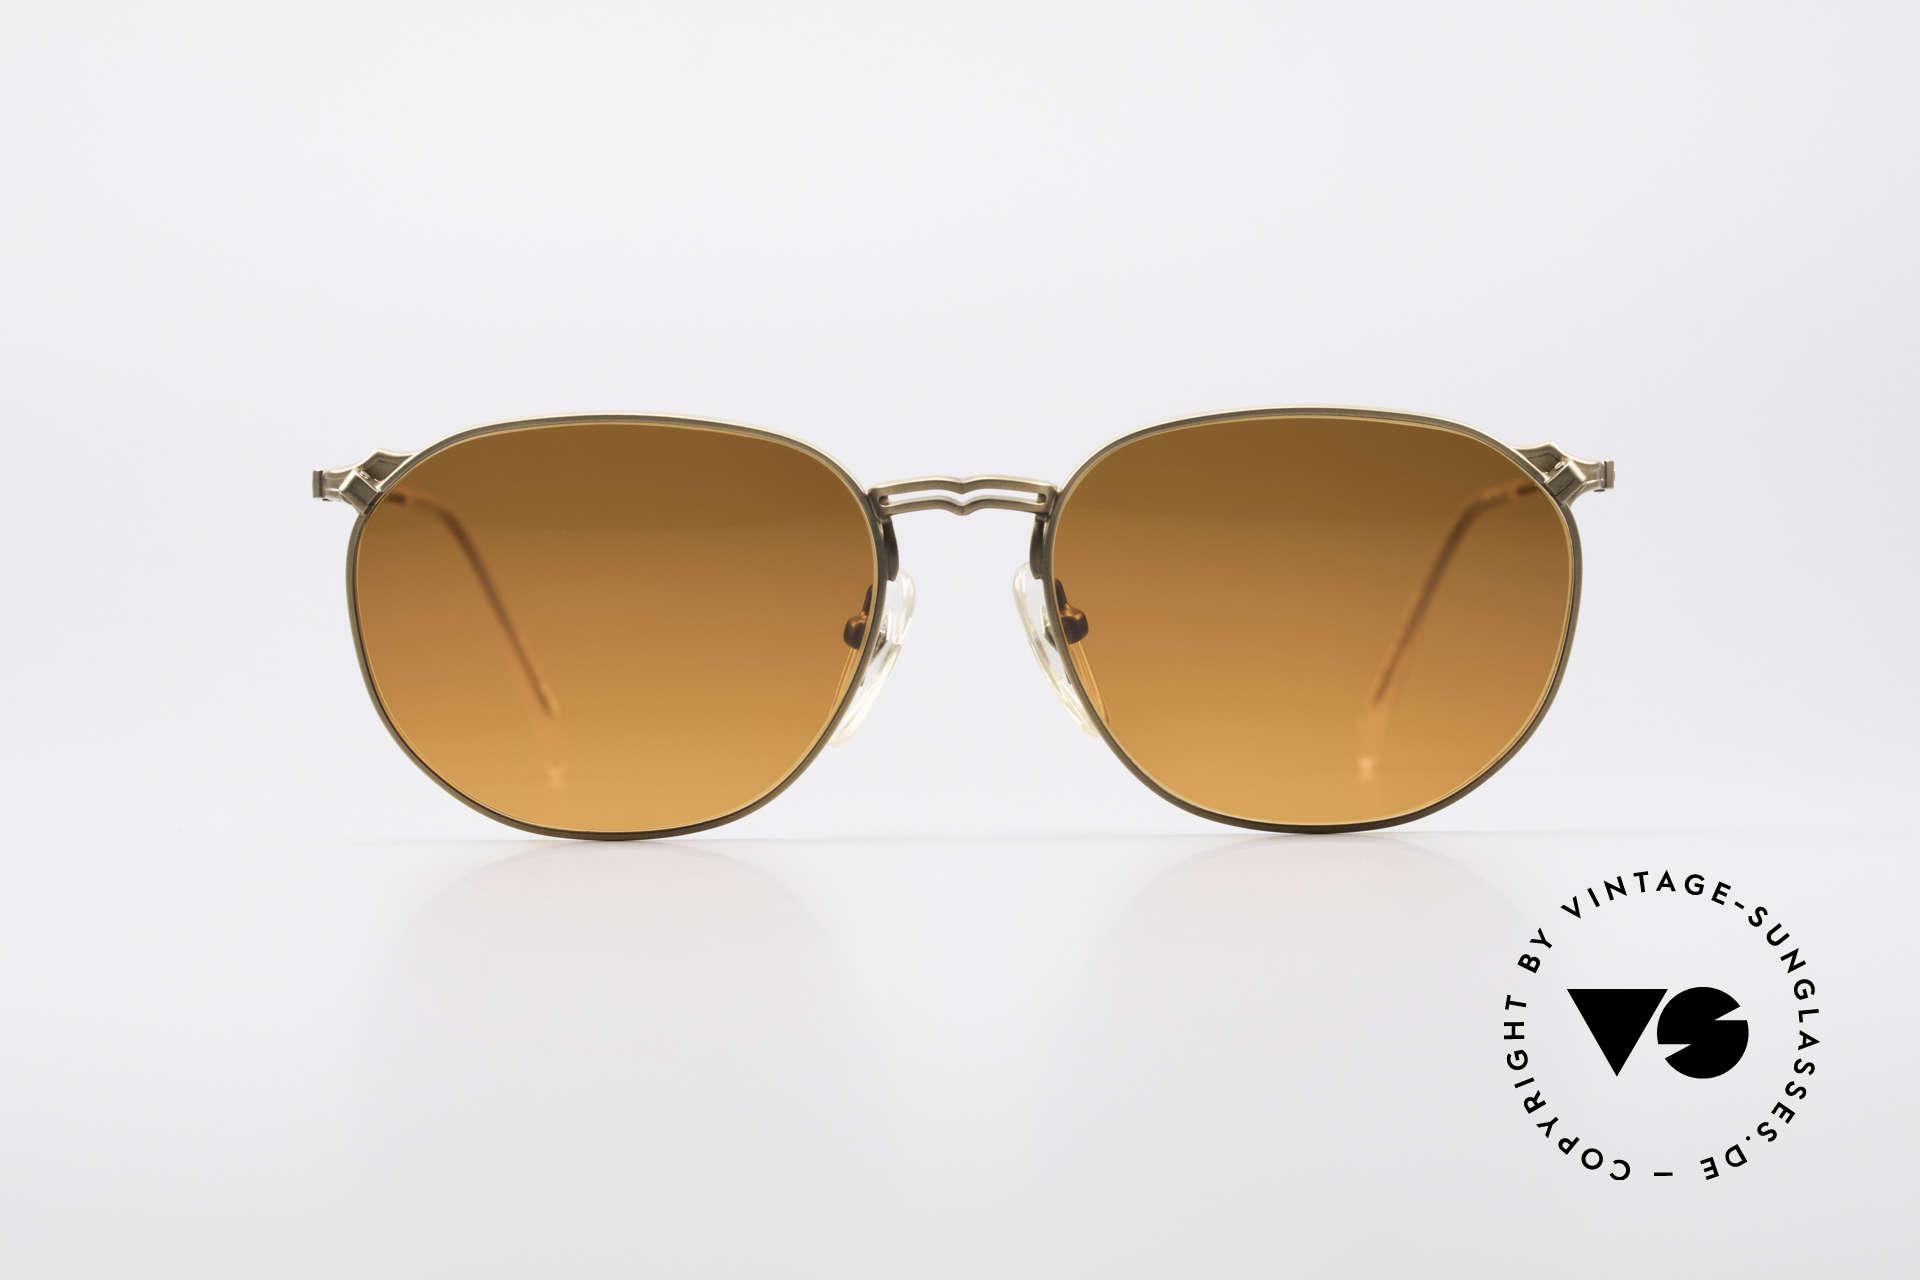 Jean Paul Gaultier 55-2173 90er Designer Sonnenbrille, edle Kombination: bronze Fassung mit 'Sunset-Gläsern', Passend für Herren und Damen